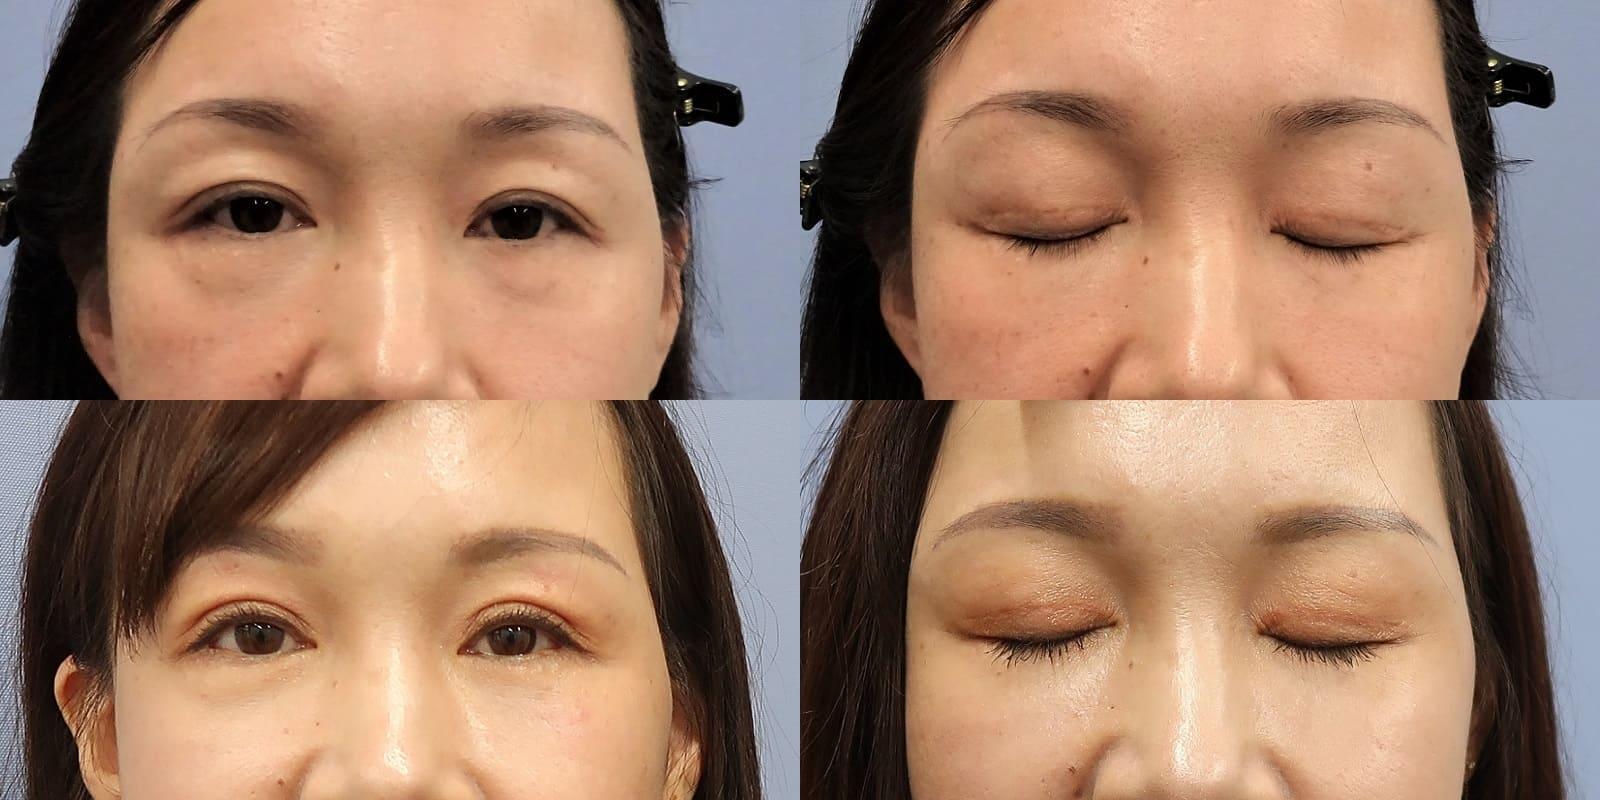 顔 の たるみ 改善 ためして ガッテン 戻れ!シミの消えた肌 冬こそ徹底対策 - NHK